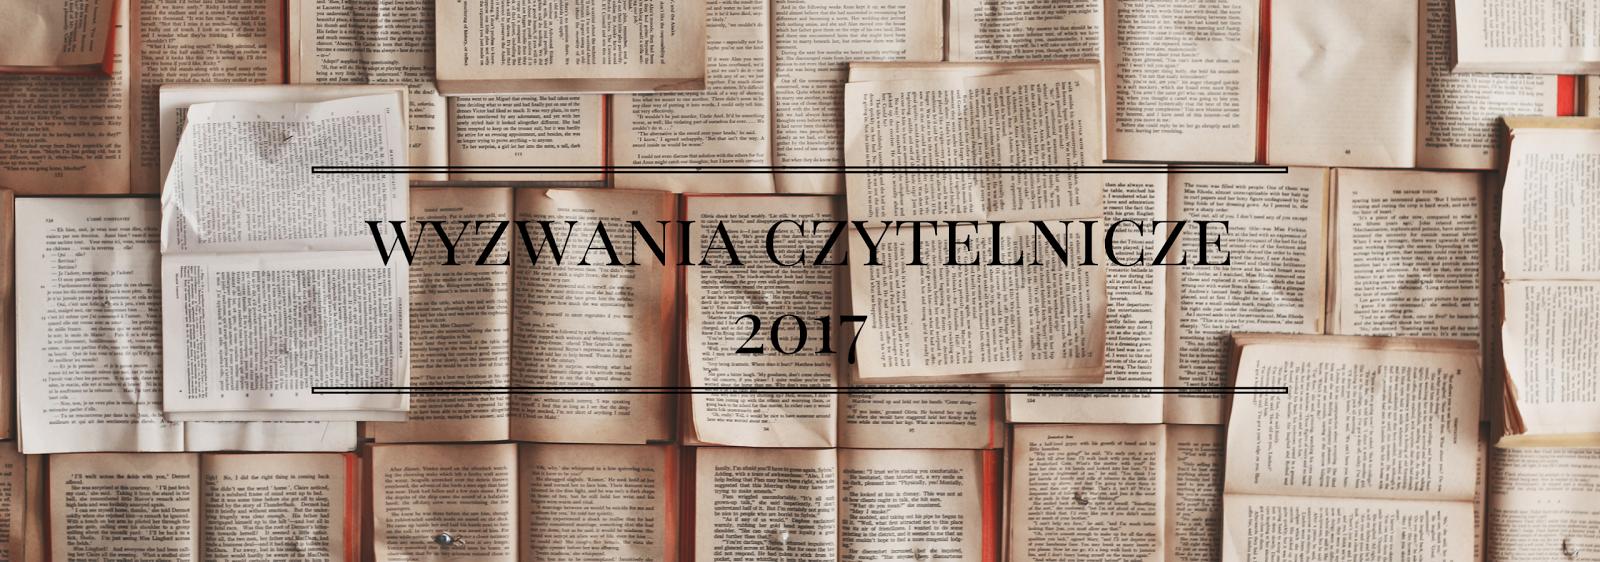 Wyzwania książkowe na 2017